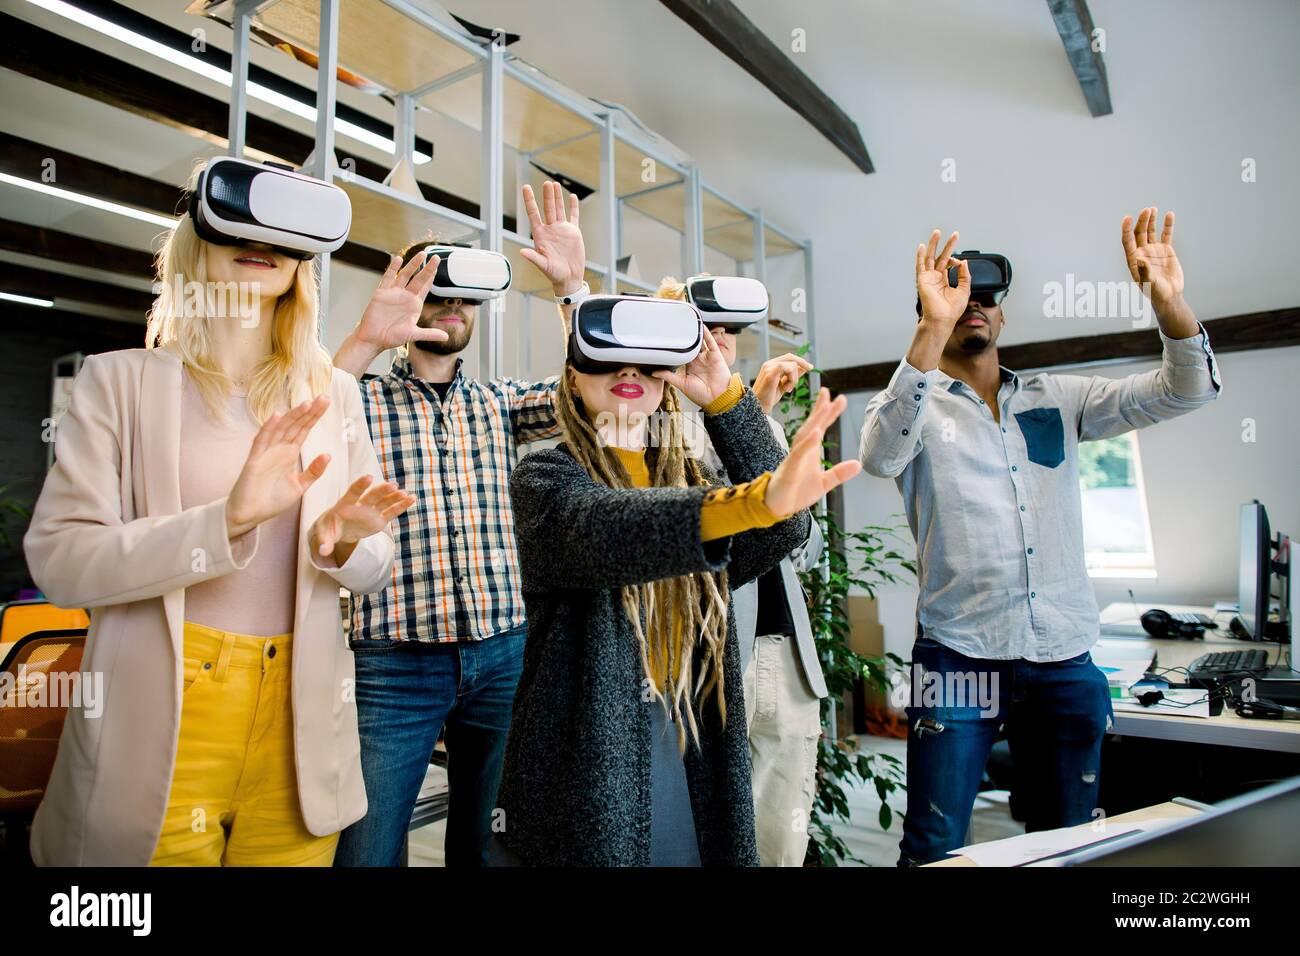 Team von fünf jungen multiethnischen Entwicklern in Freizeitkleidung arbeiten mit Virtual-Reality-Brille während eines Geschäftstreffens. Junge Kollegen aus der Wirtschaft Stockfoto